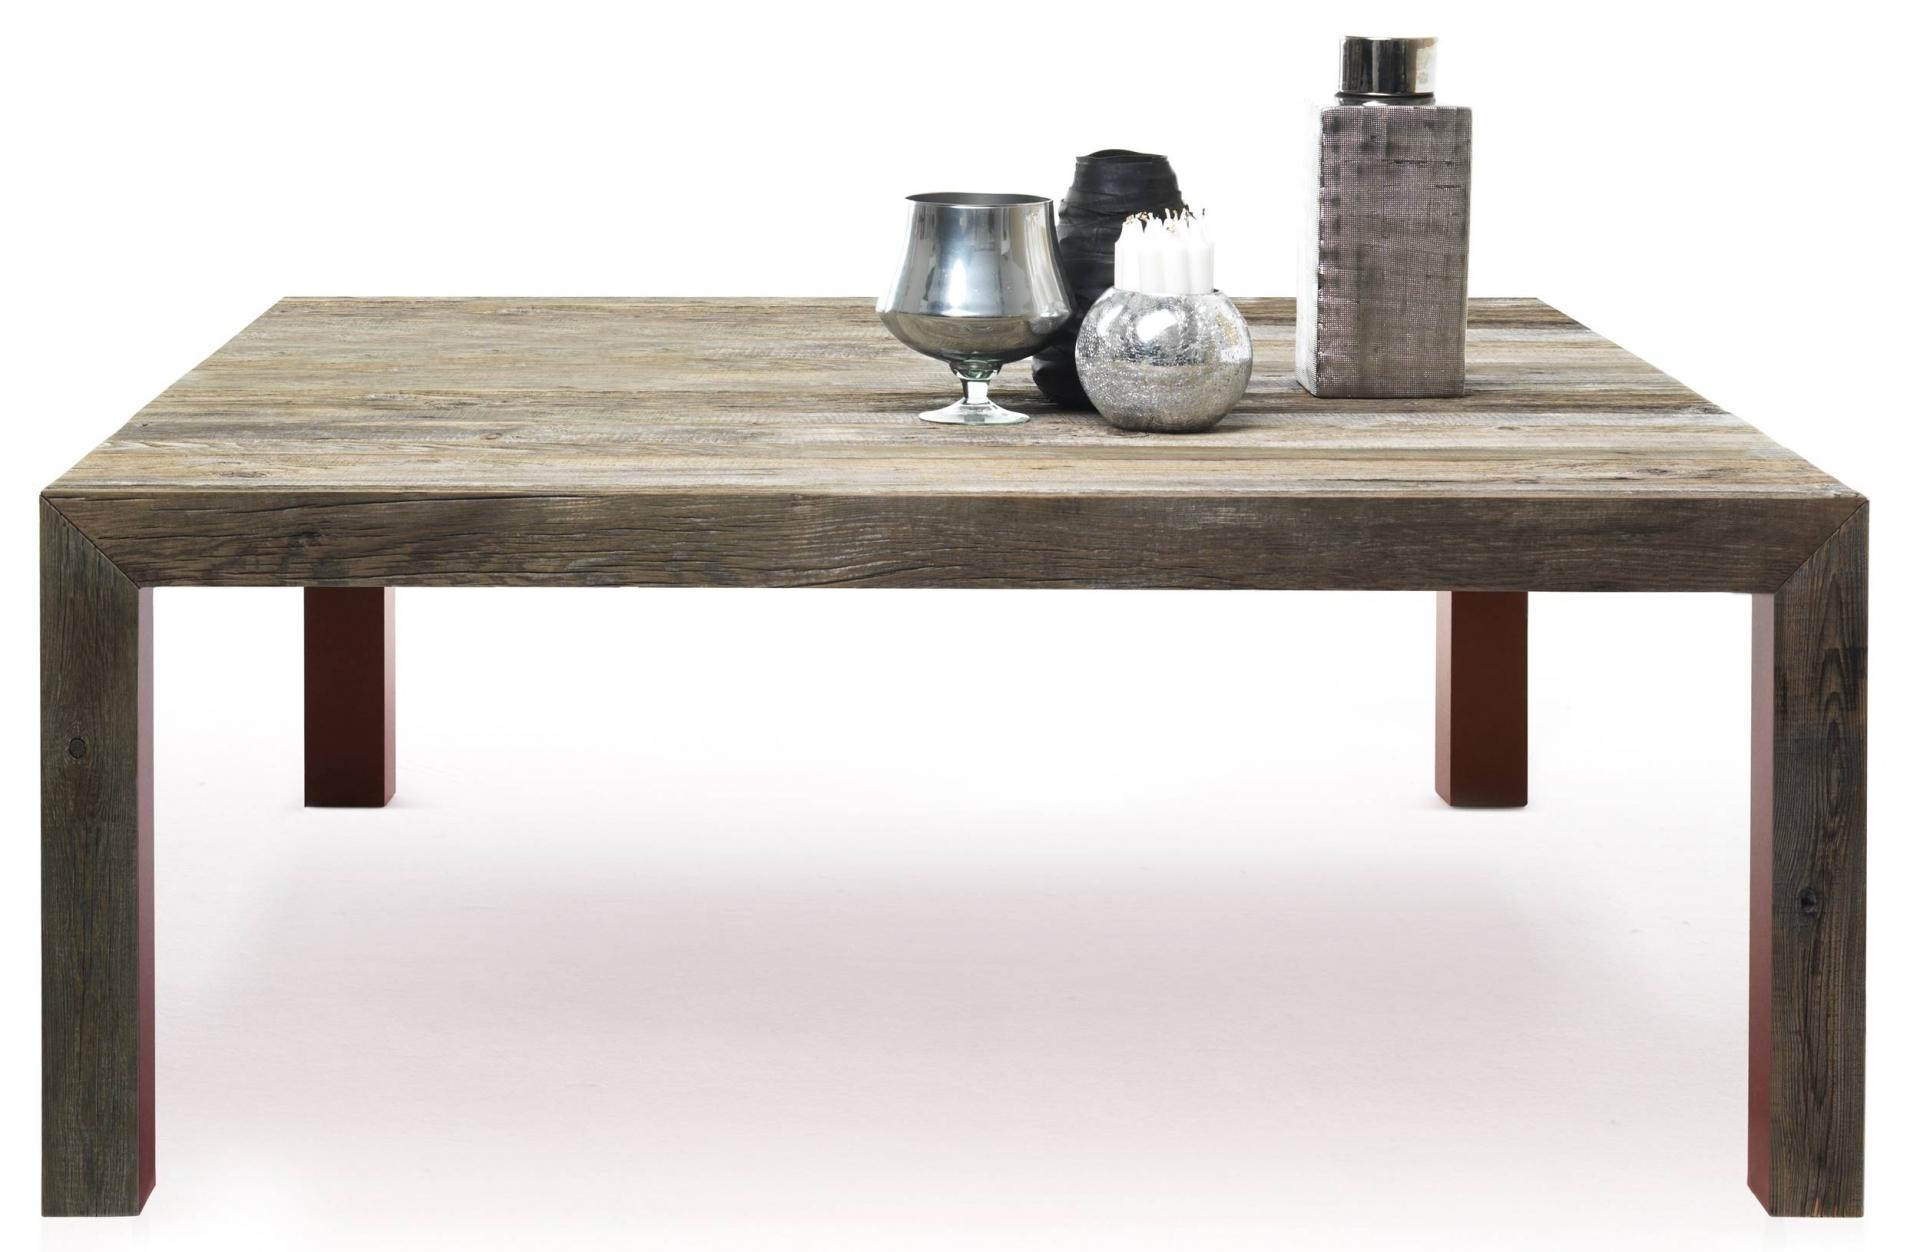 Mogg designové jídelní stoly Zio Tom Square (šířka 150 cm)